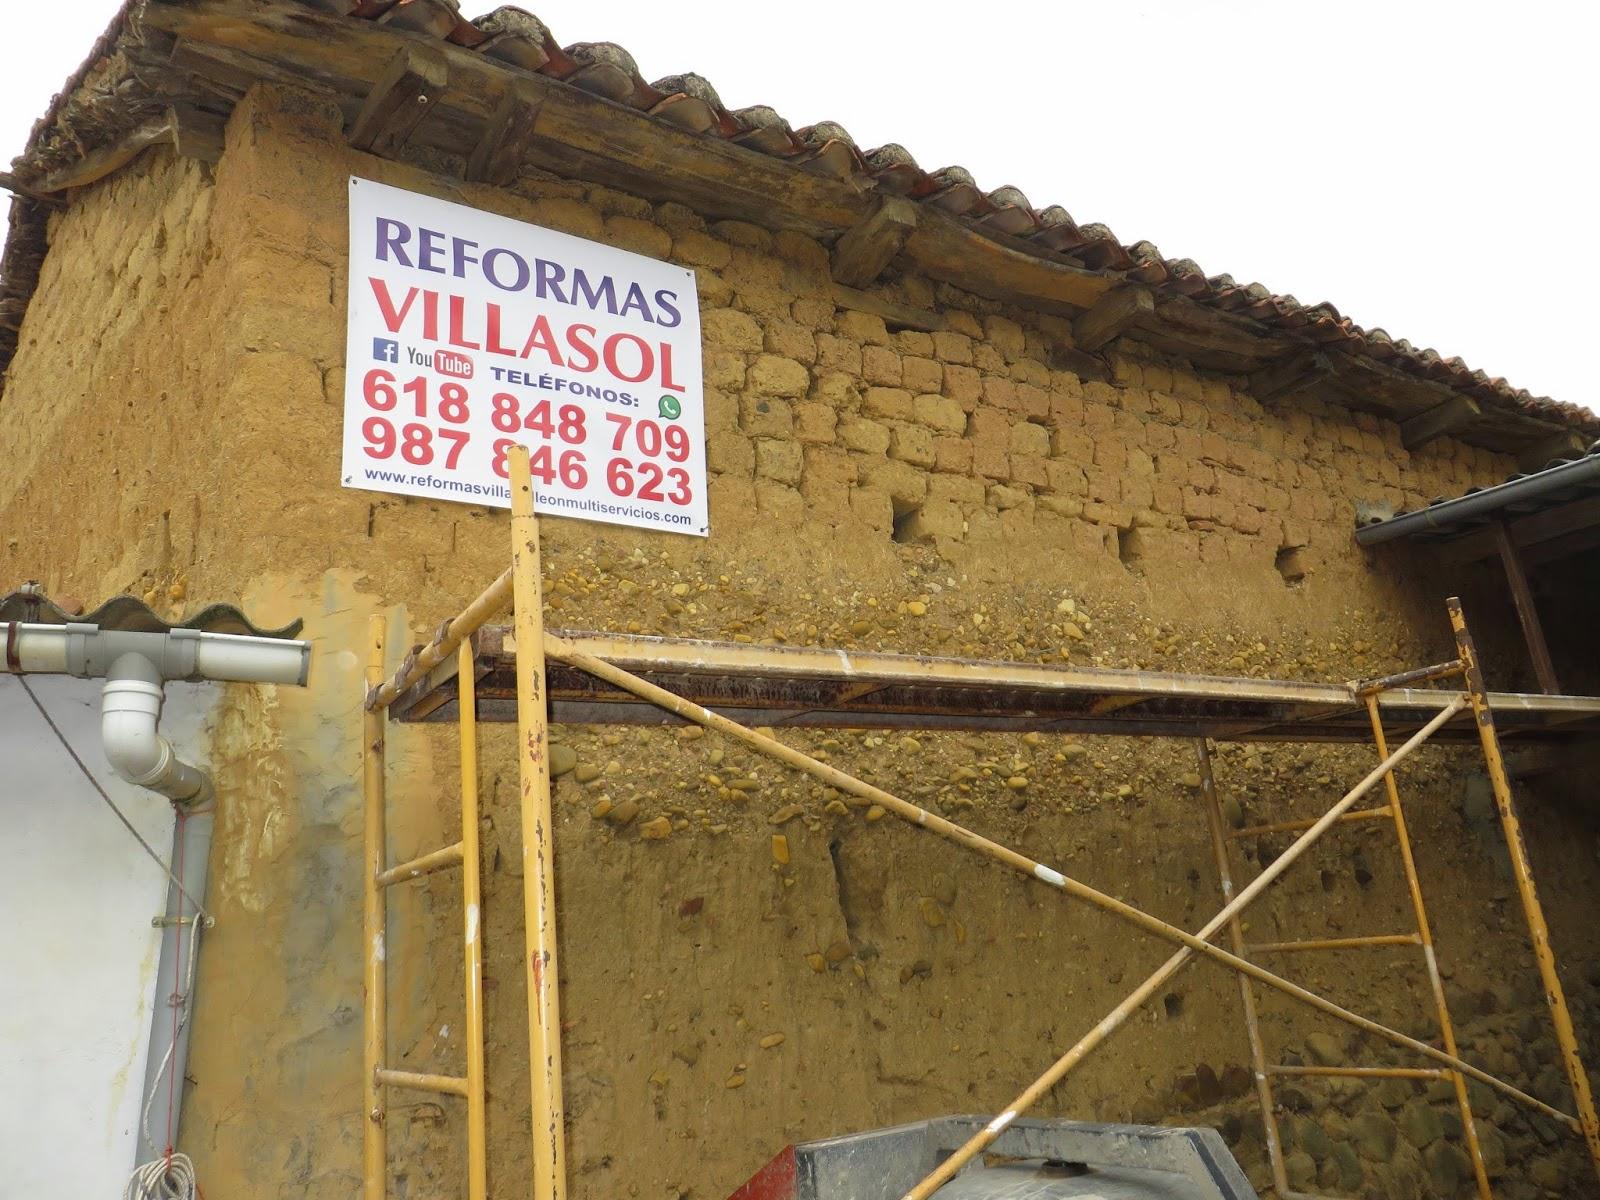 Reformasvillasolle nmultiservicios fachadas - Precio reforma casa ...